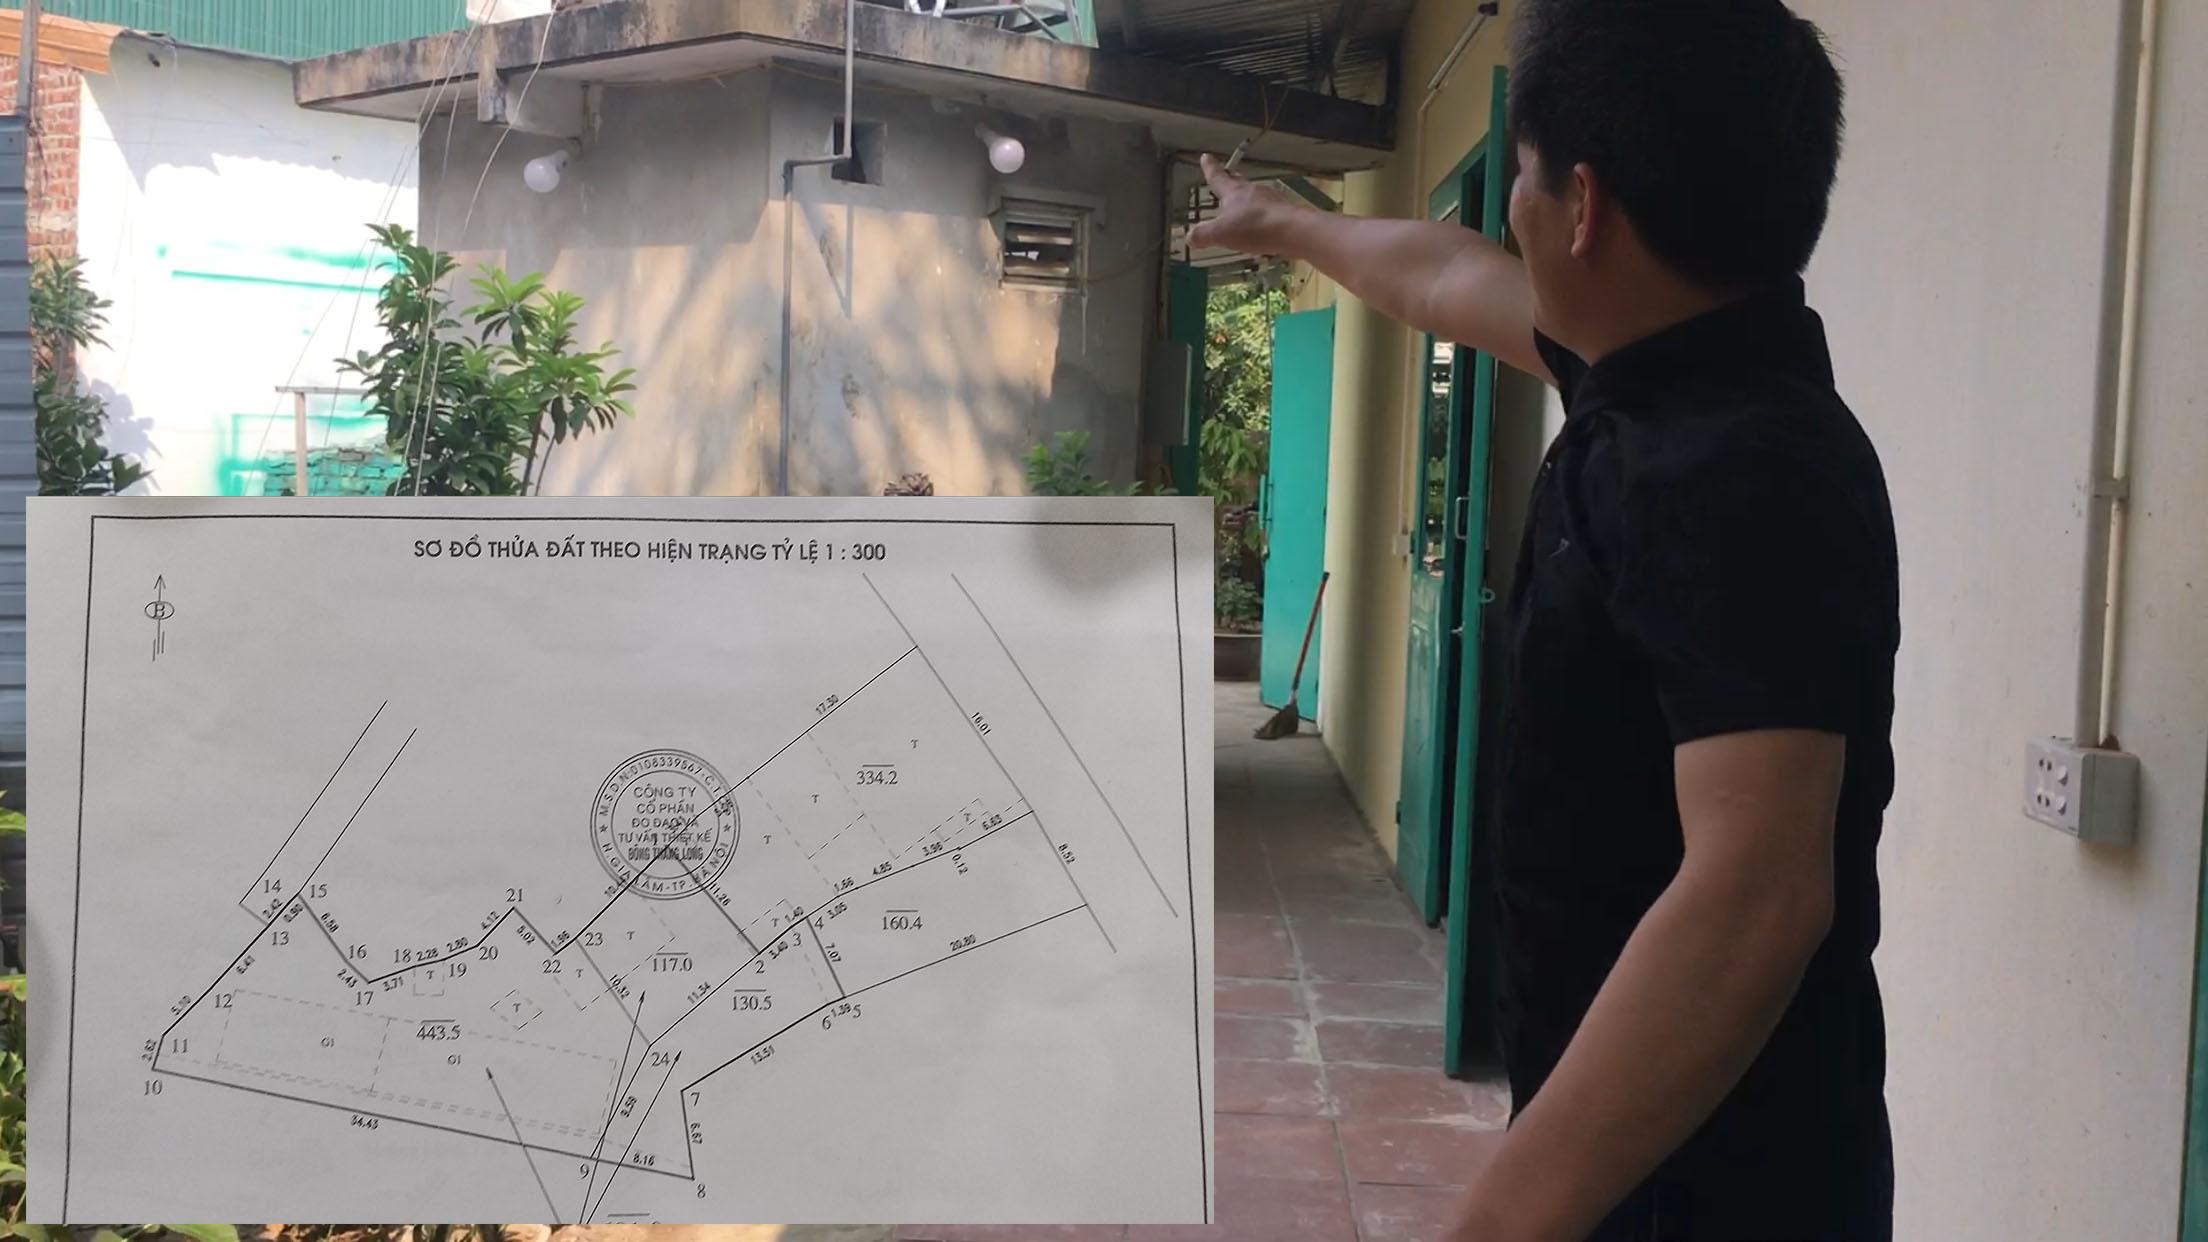 Gia Lâm – Hà Nội: Hồ sơ đo đạc 'tiền hậu bất nhất'?